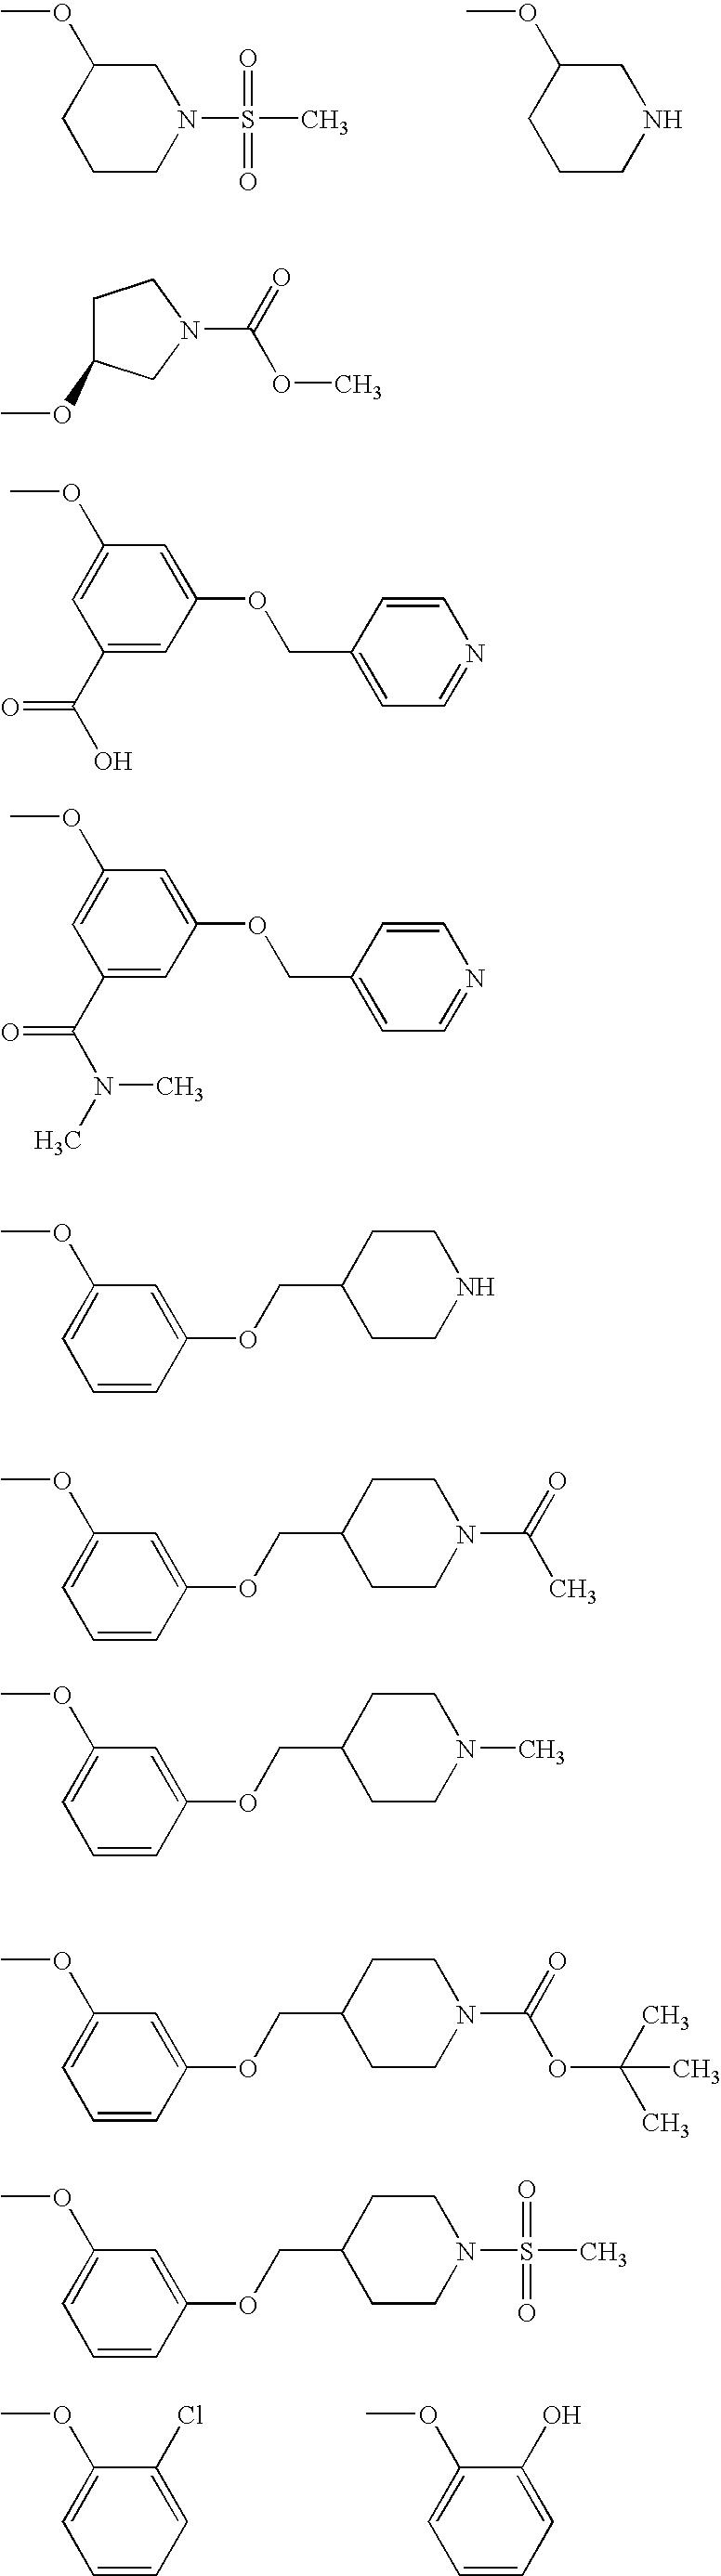 Figure US20070049593A1-20070301-C00215